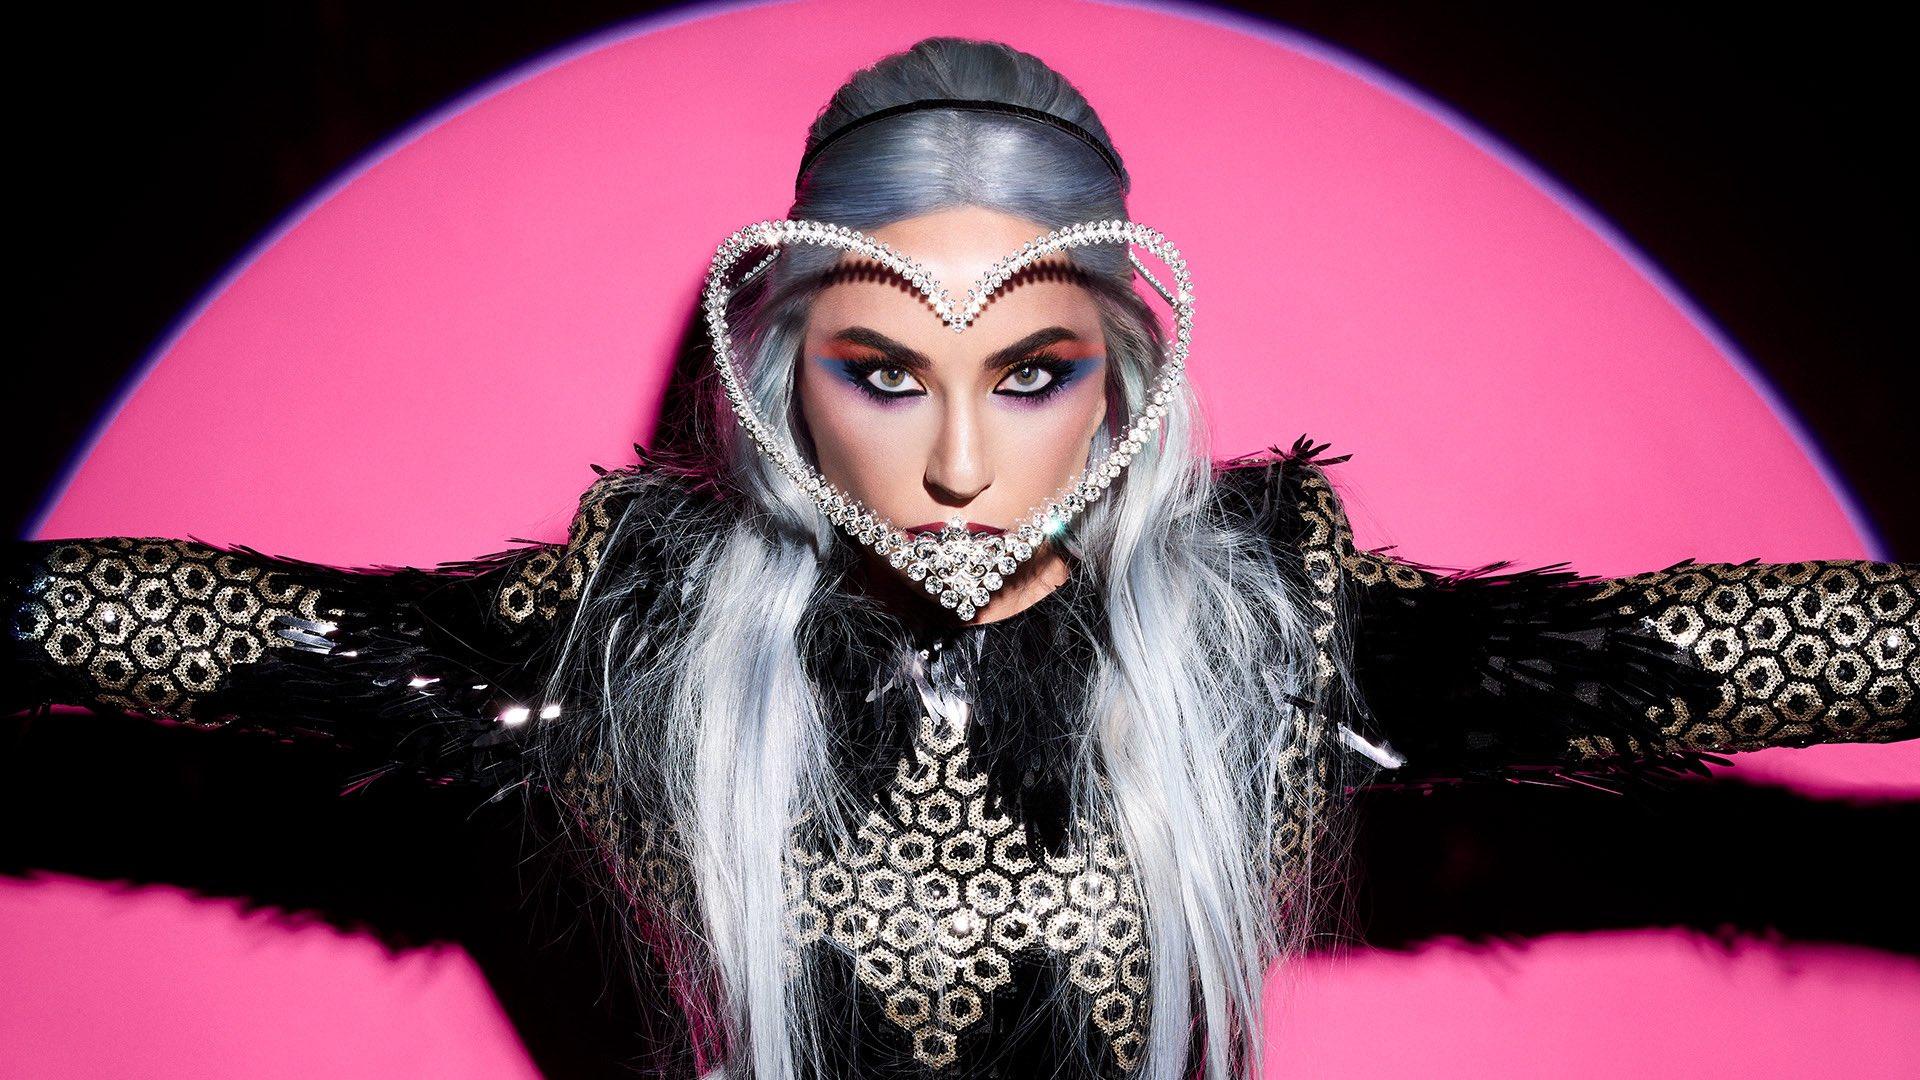 Lady Gaga Net Worth 2020 : Bio , Age, Songs, Husband, Albums